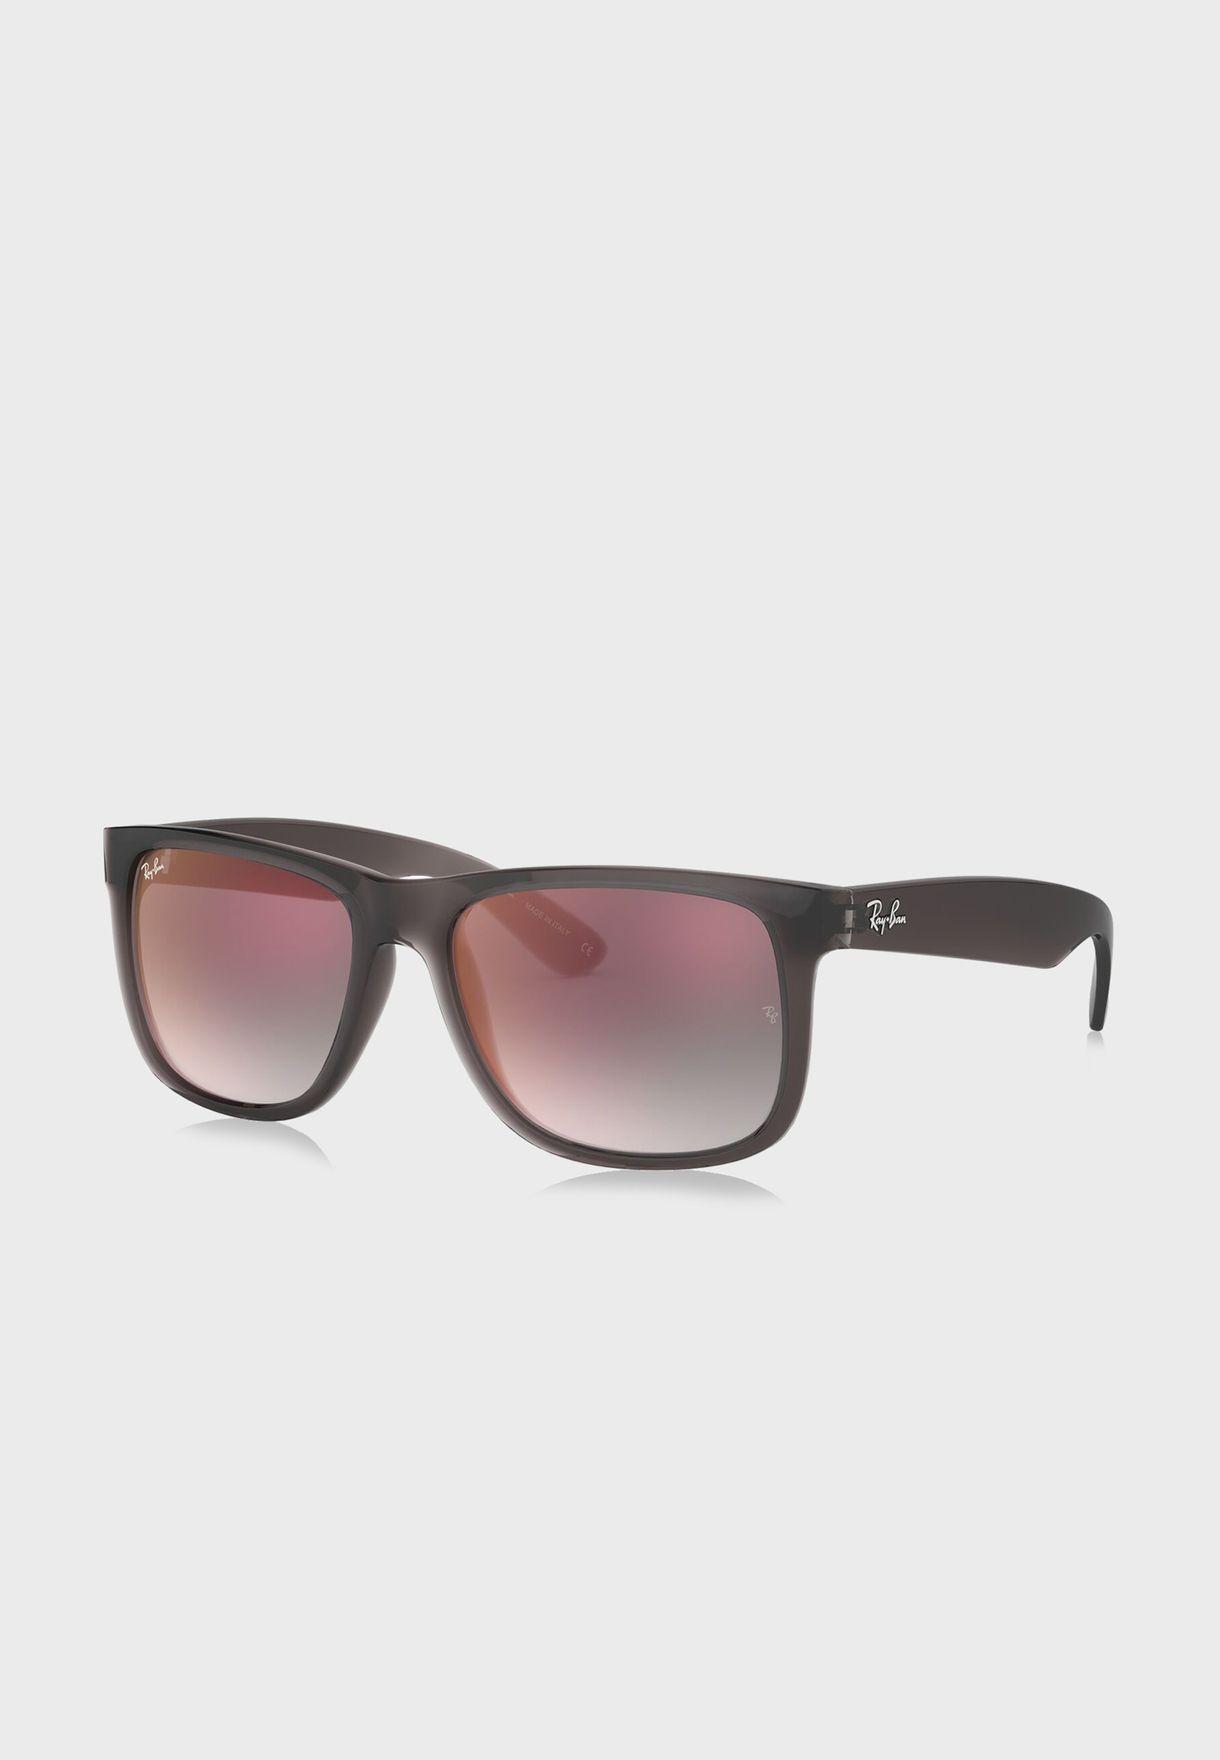 نظارة شمسية مستطيلة 0RB4165